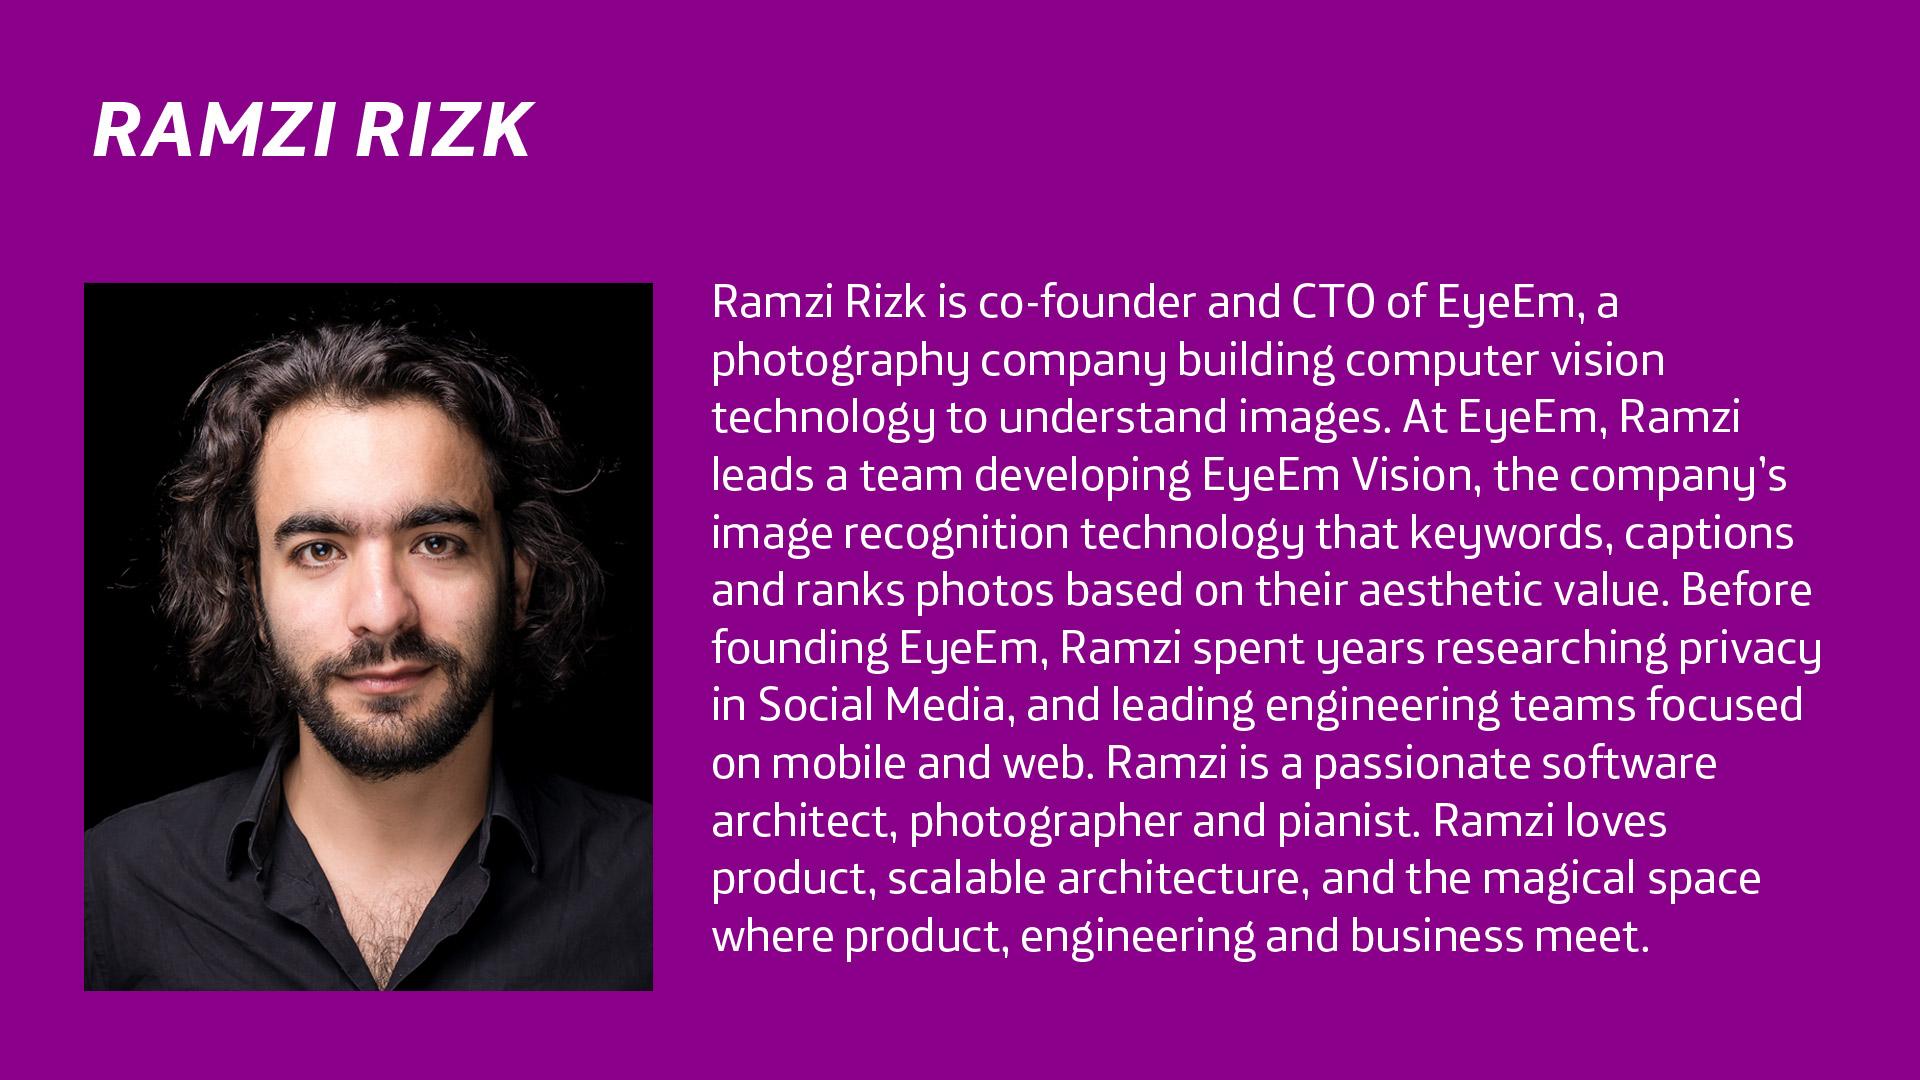 Ramzi-Rizk-1920x1080